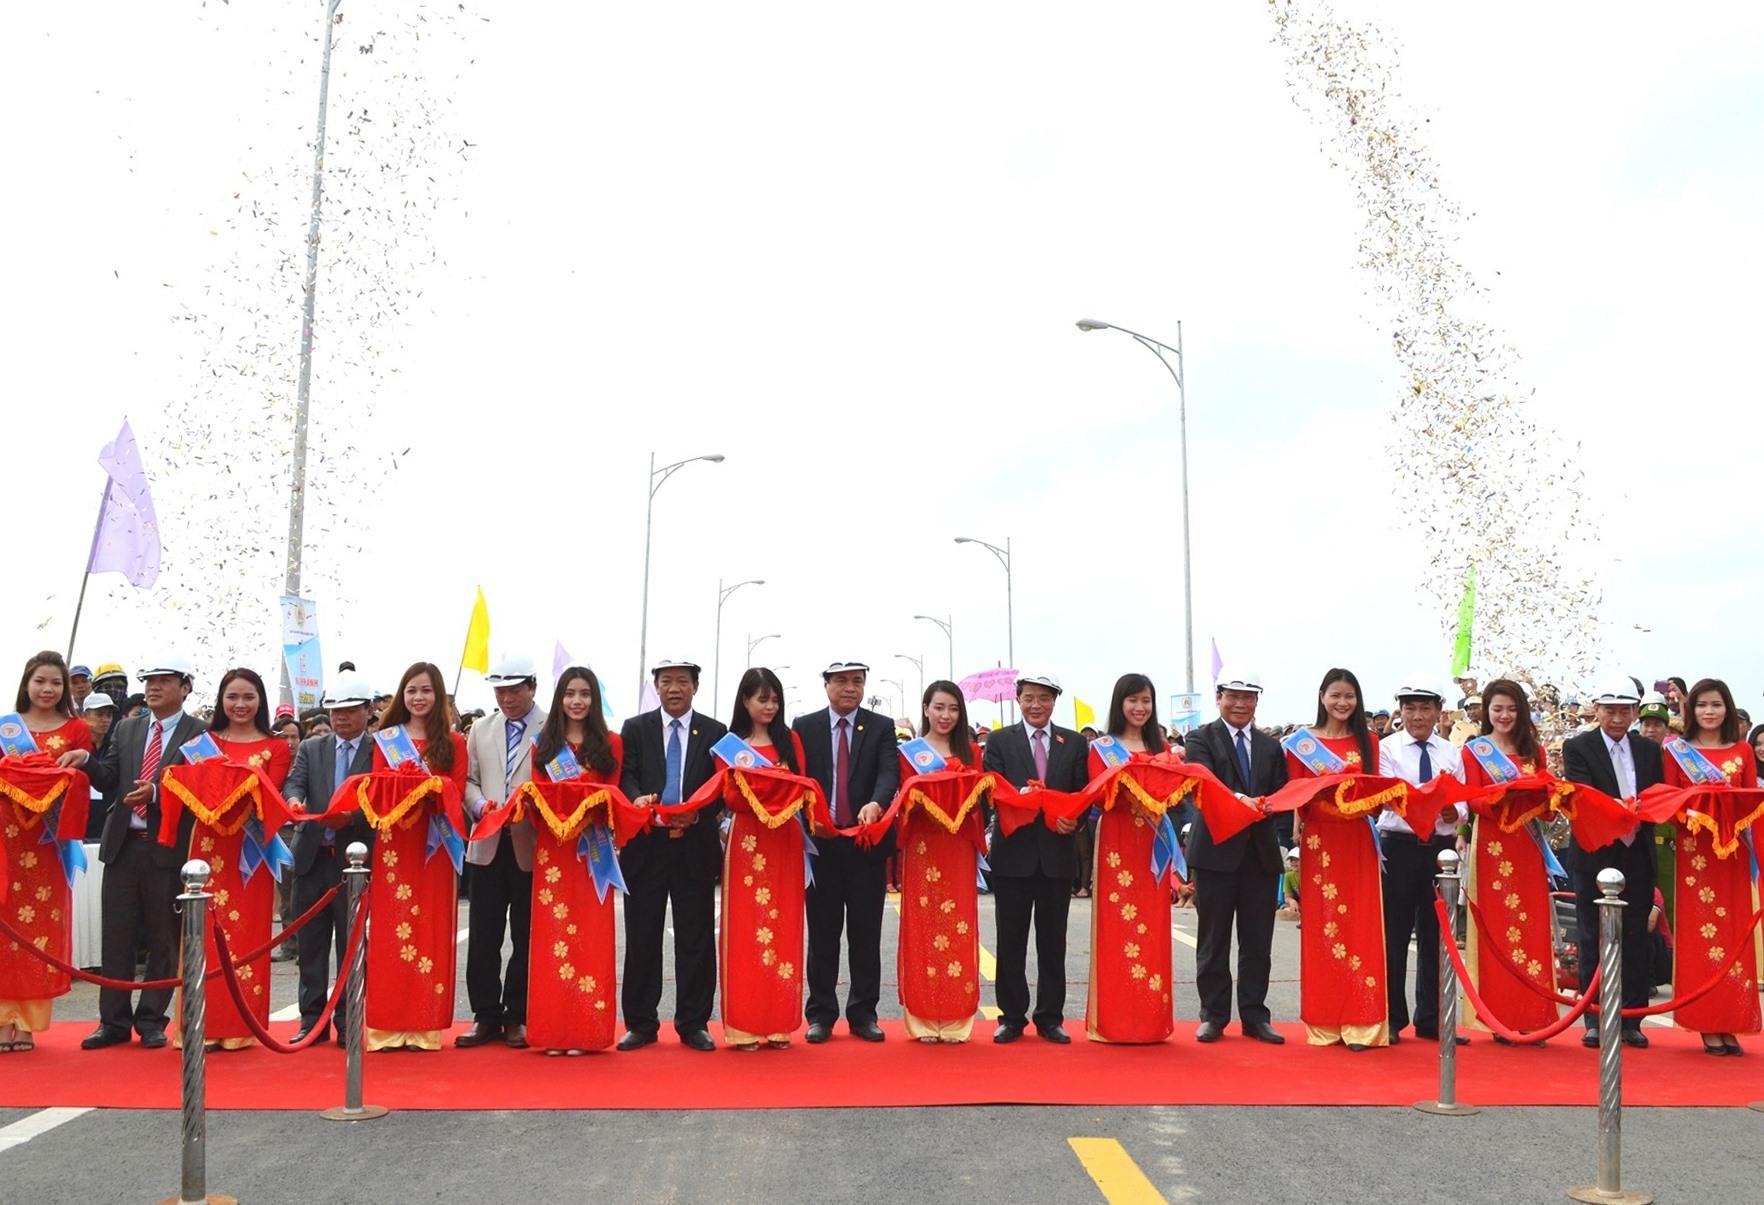 Cắt băng khánh thành cầu Giao Thủy vào ngày 24.3.2017, công trình kết nối liên hoàn quốc lộ 14H (Duy Xuyên, Nông Sơn) với tuyến ĐT609B (Đại Lộc). Ảnh: CT